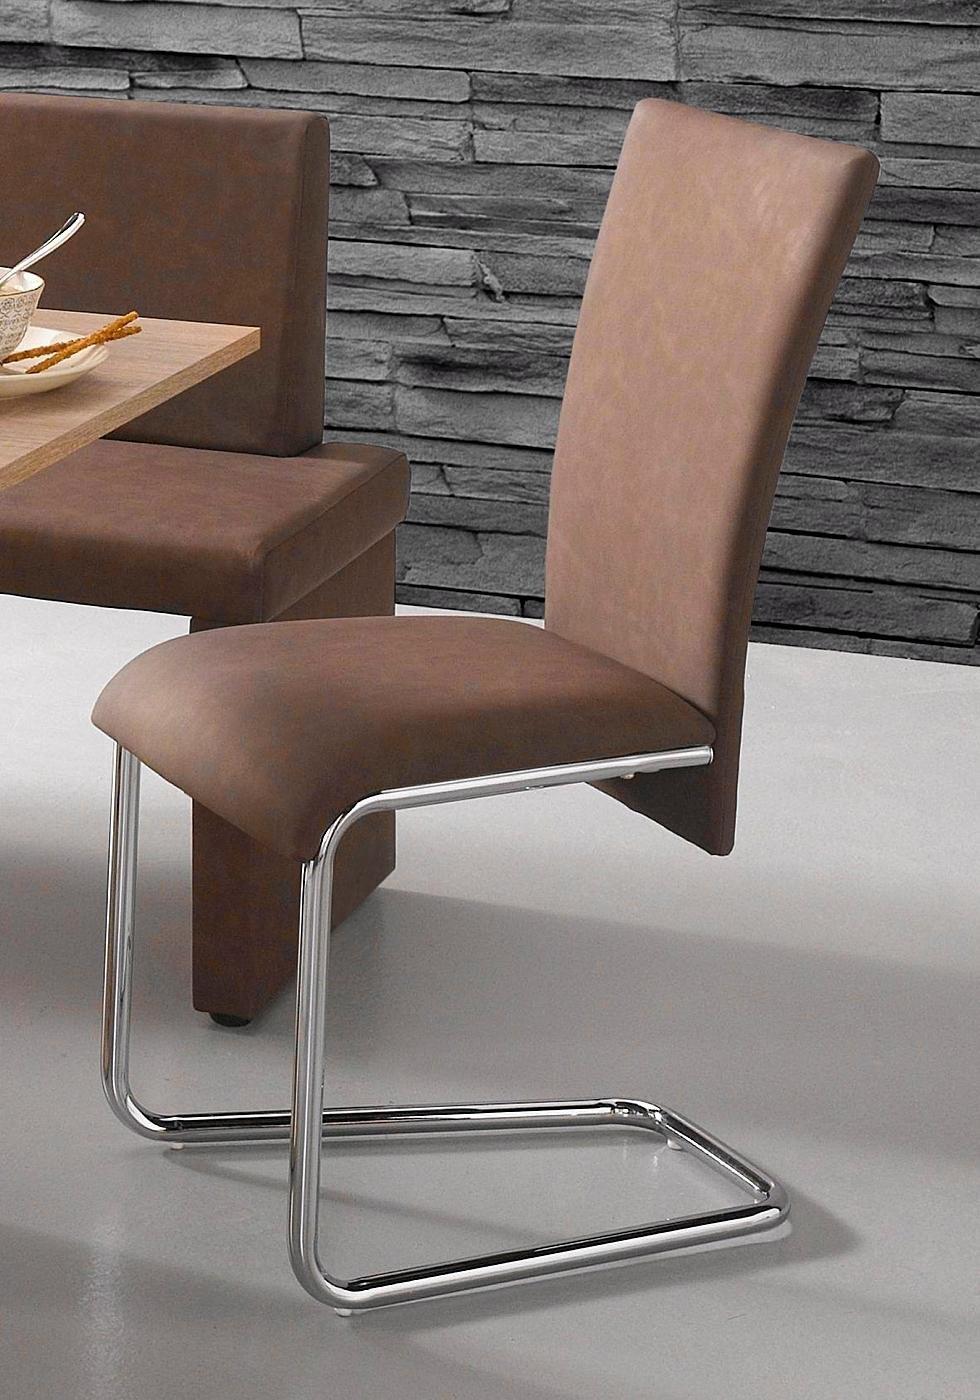 Homexperts Steinhoff vrijdragende stoel (set van 2) - gratis ruilen op otto.nl